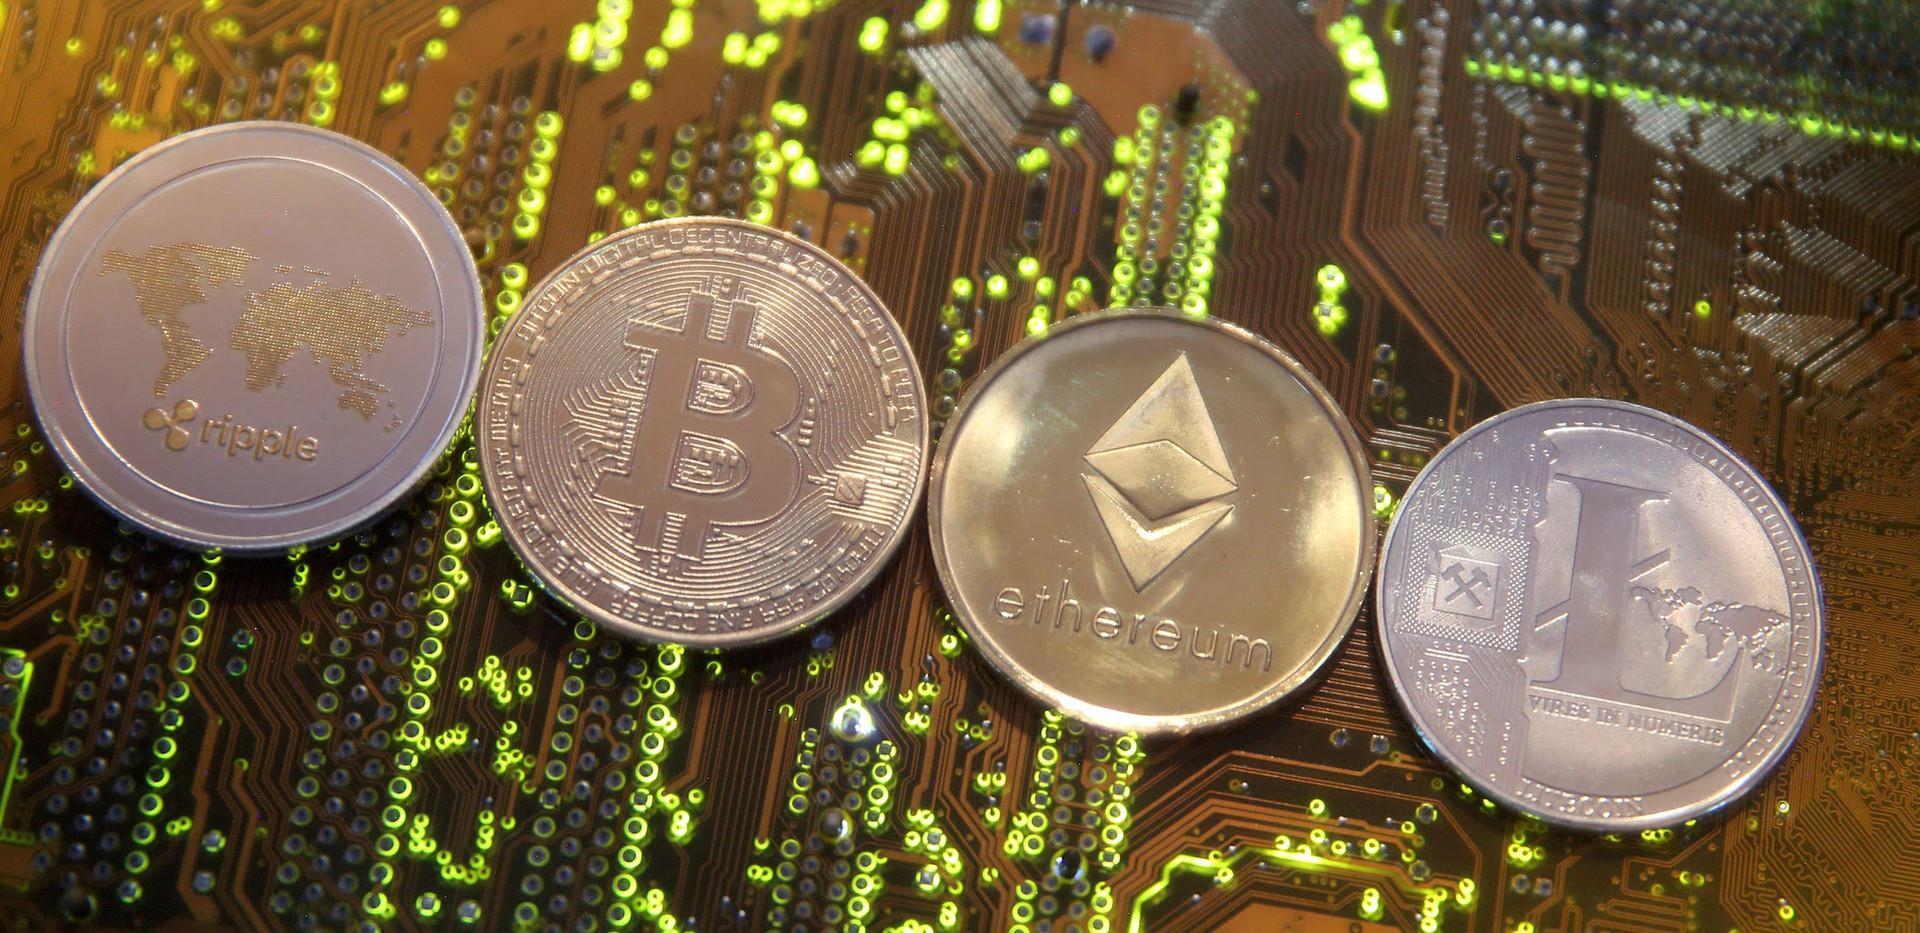 Cryptomonnaies Outils de bases.jpg